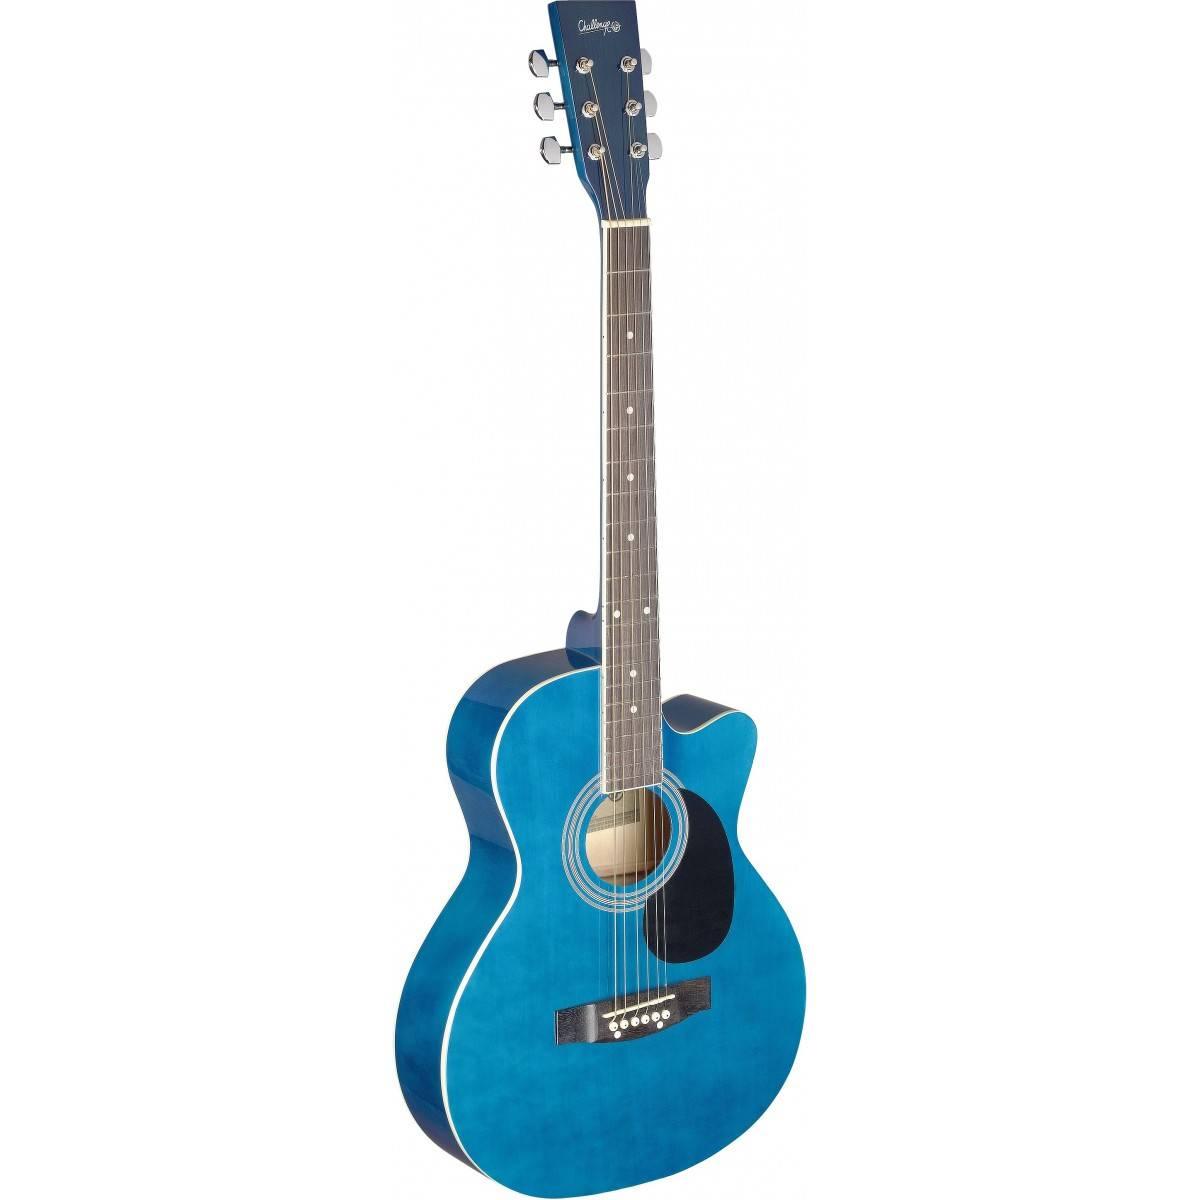 guitare folk acoustique bleu taille 4 4. Black Bedroom Furniture Sets. Home Design Ideas